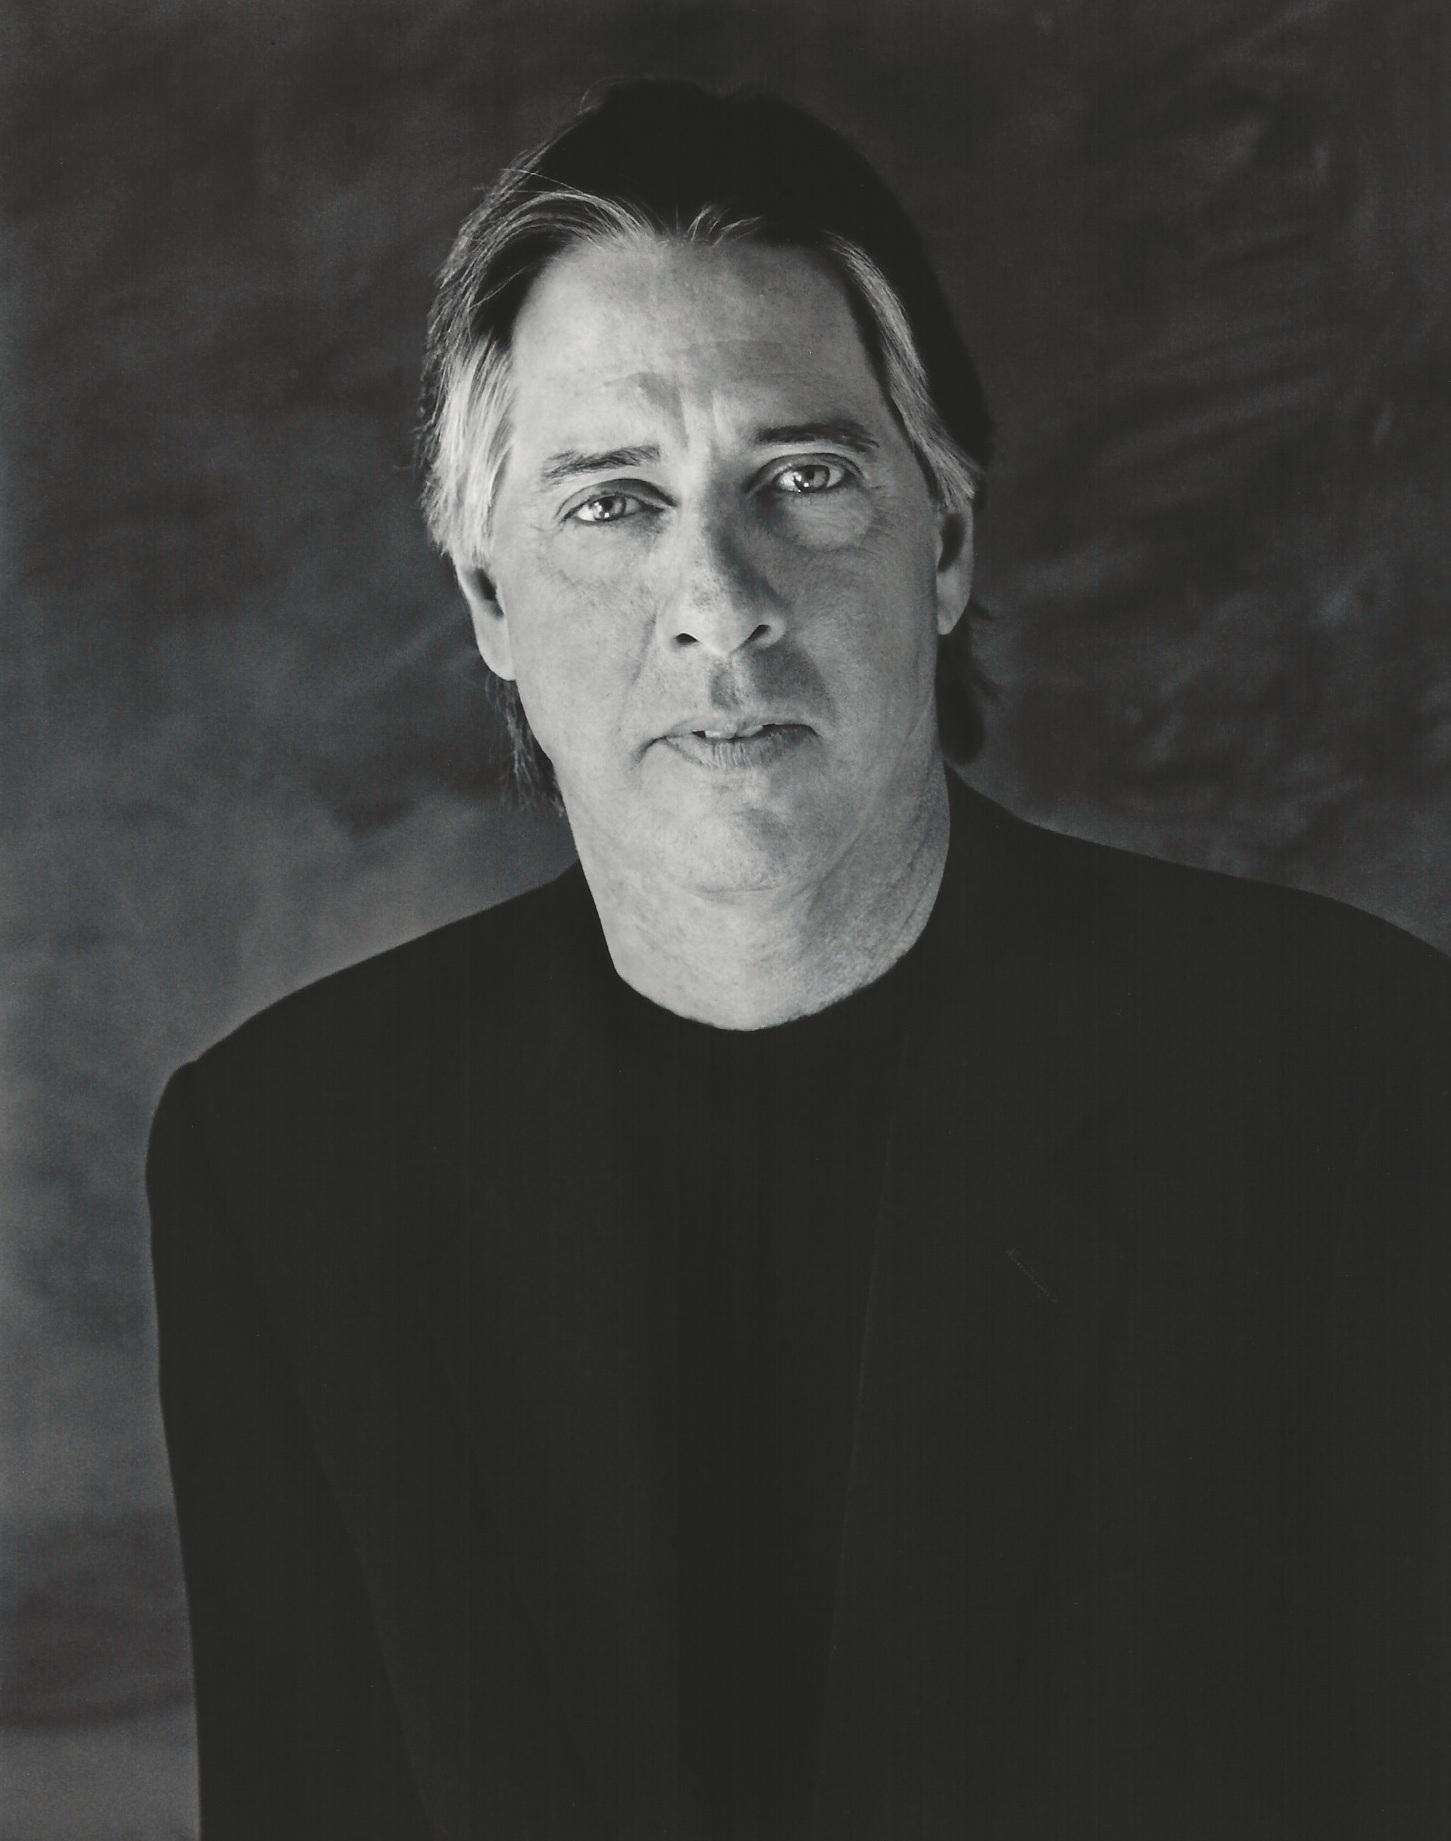 Alan Silvestri, Composer